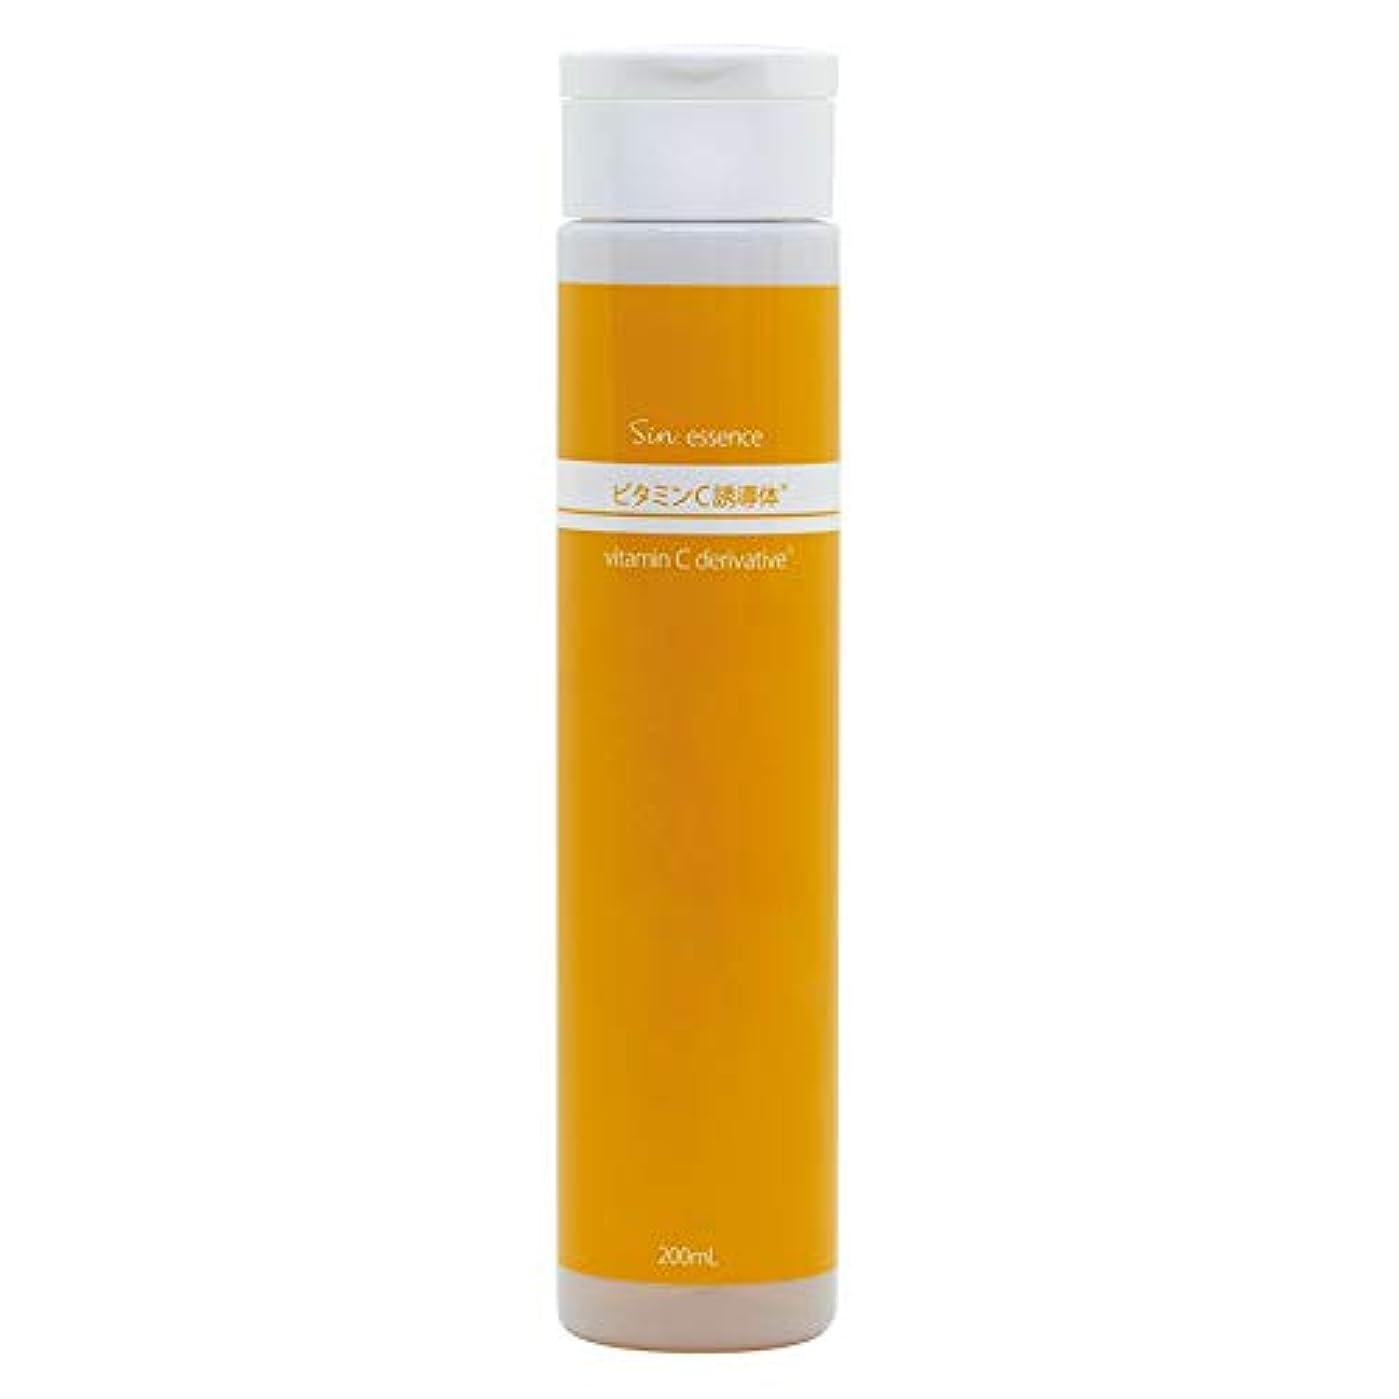 フィルタシニスアラームビタミンC誘導体配合美容液 200mL